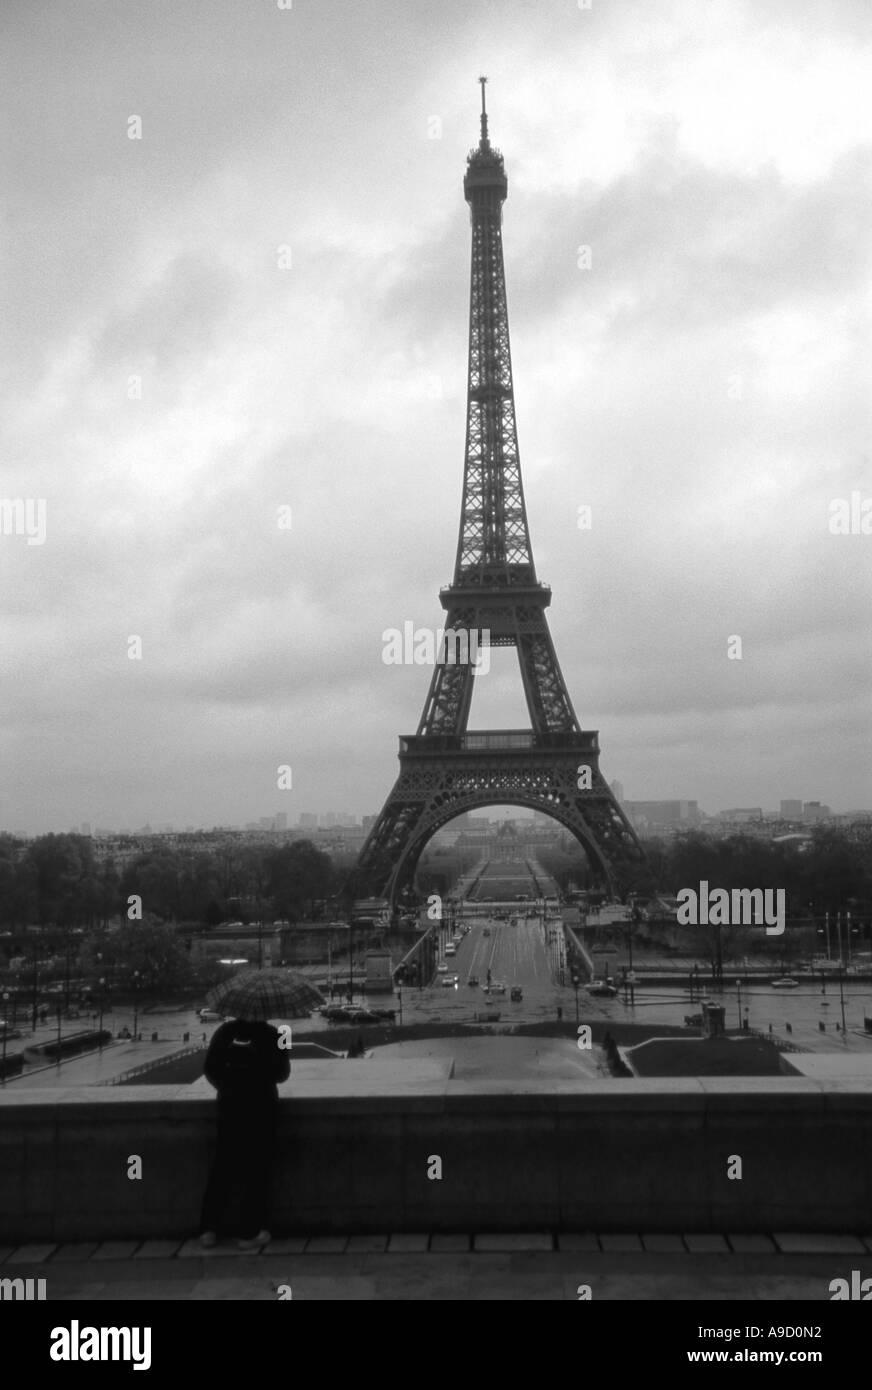 Magnifique vue sur Tour Eiffel Tower One, la plus haute des bâtiments de fer dans le monde France Europe du nord de Paris Banque D'Images